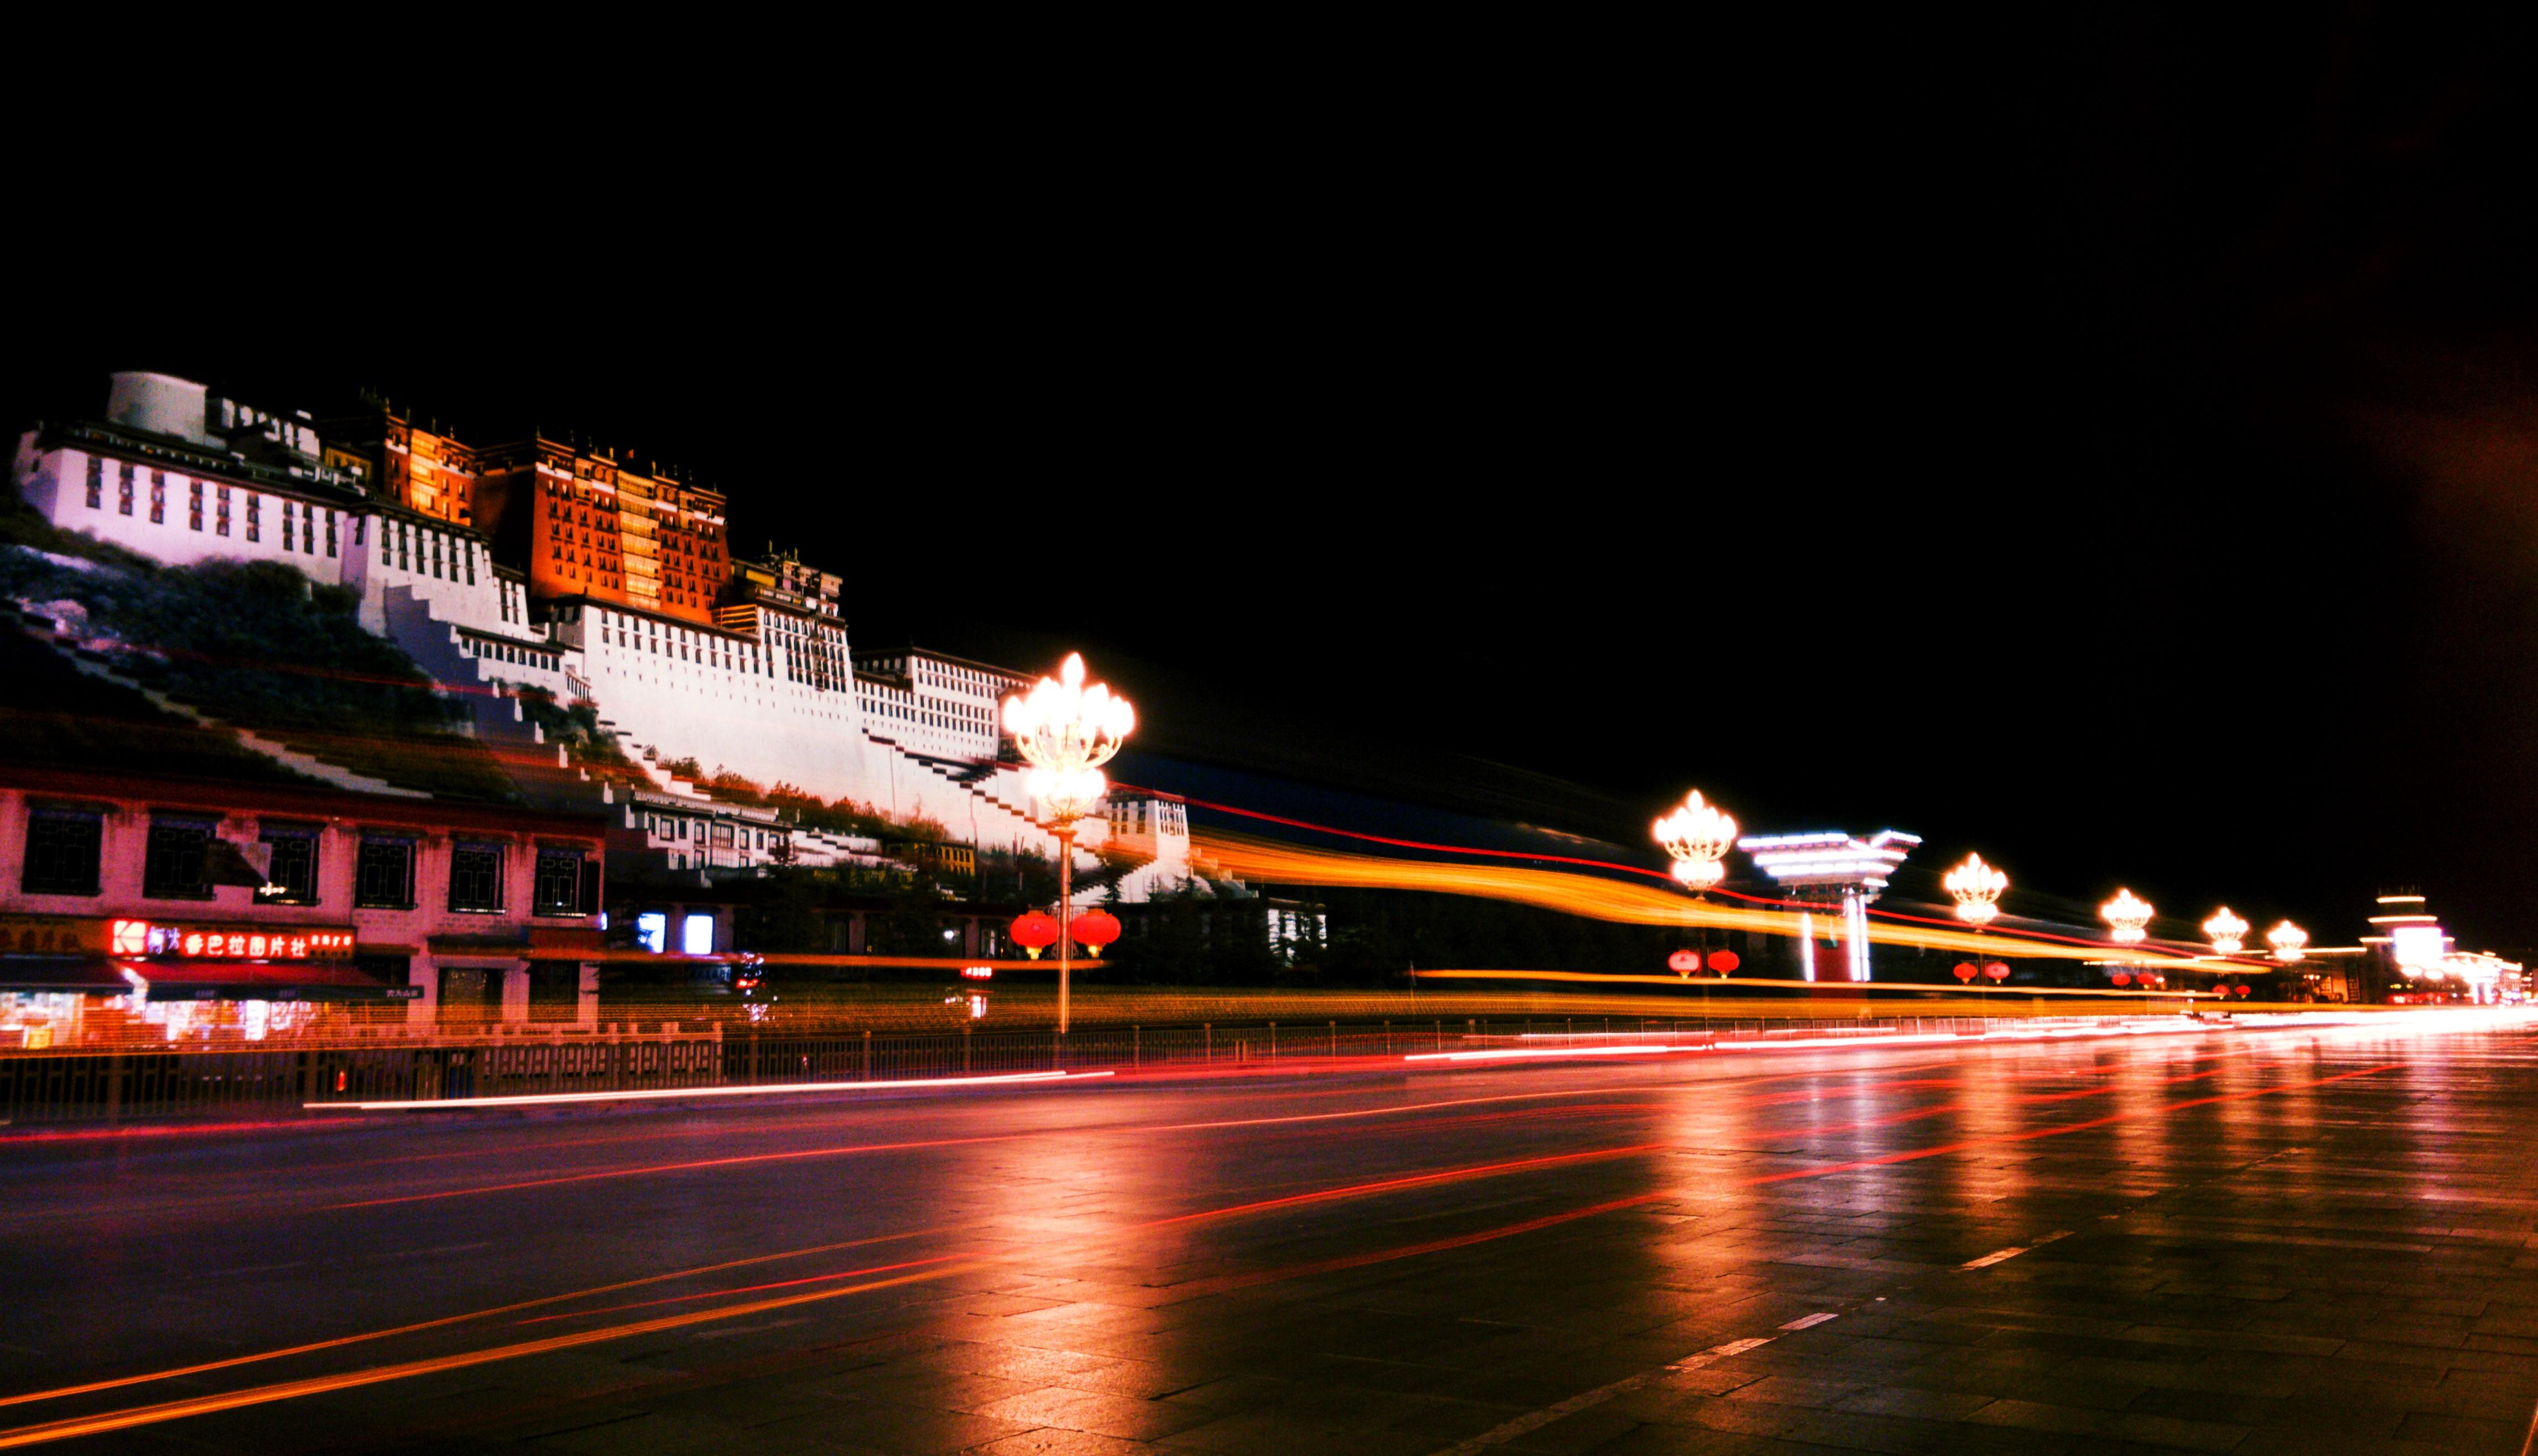 布达拉的流光.jpg